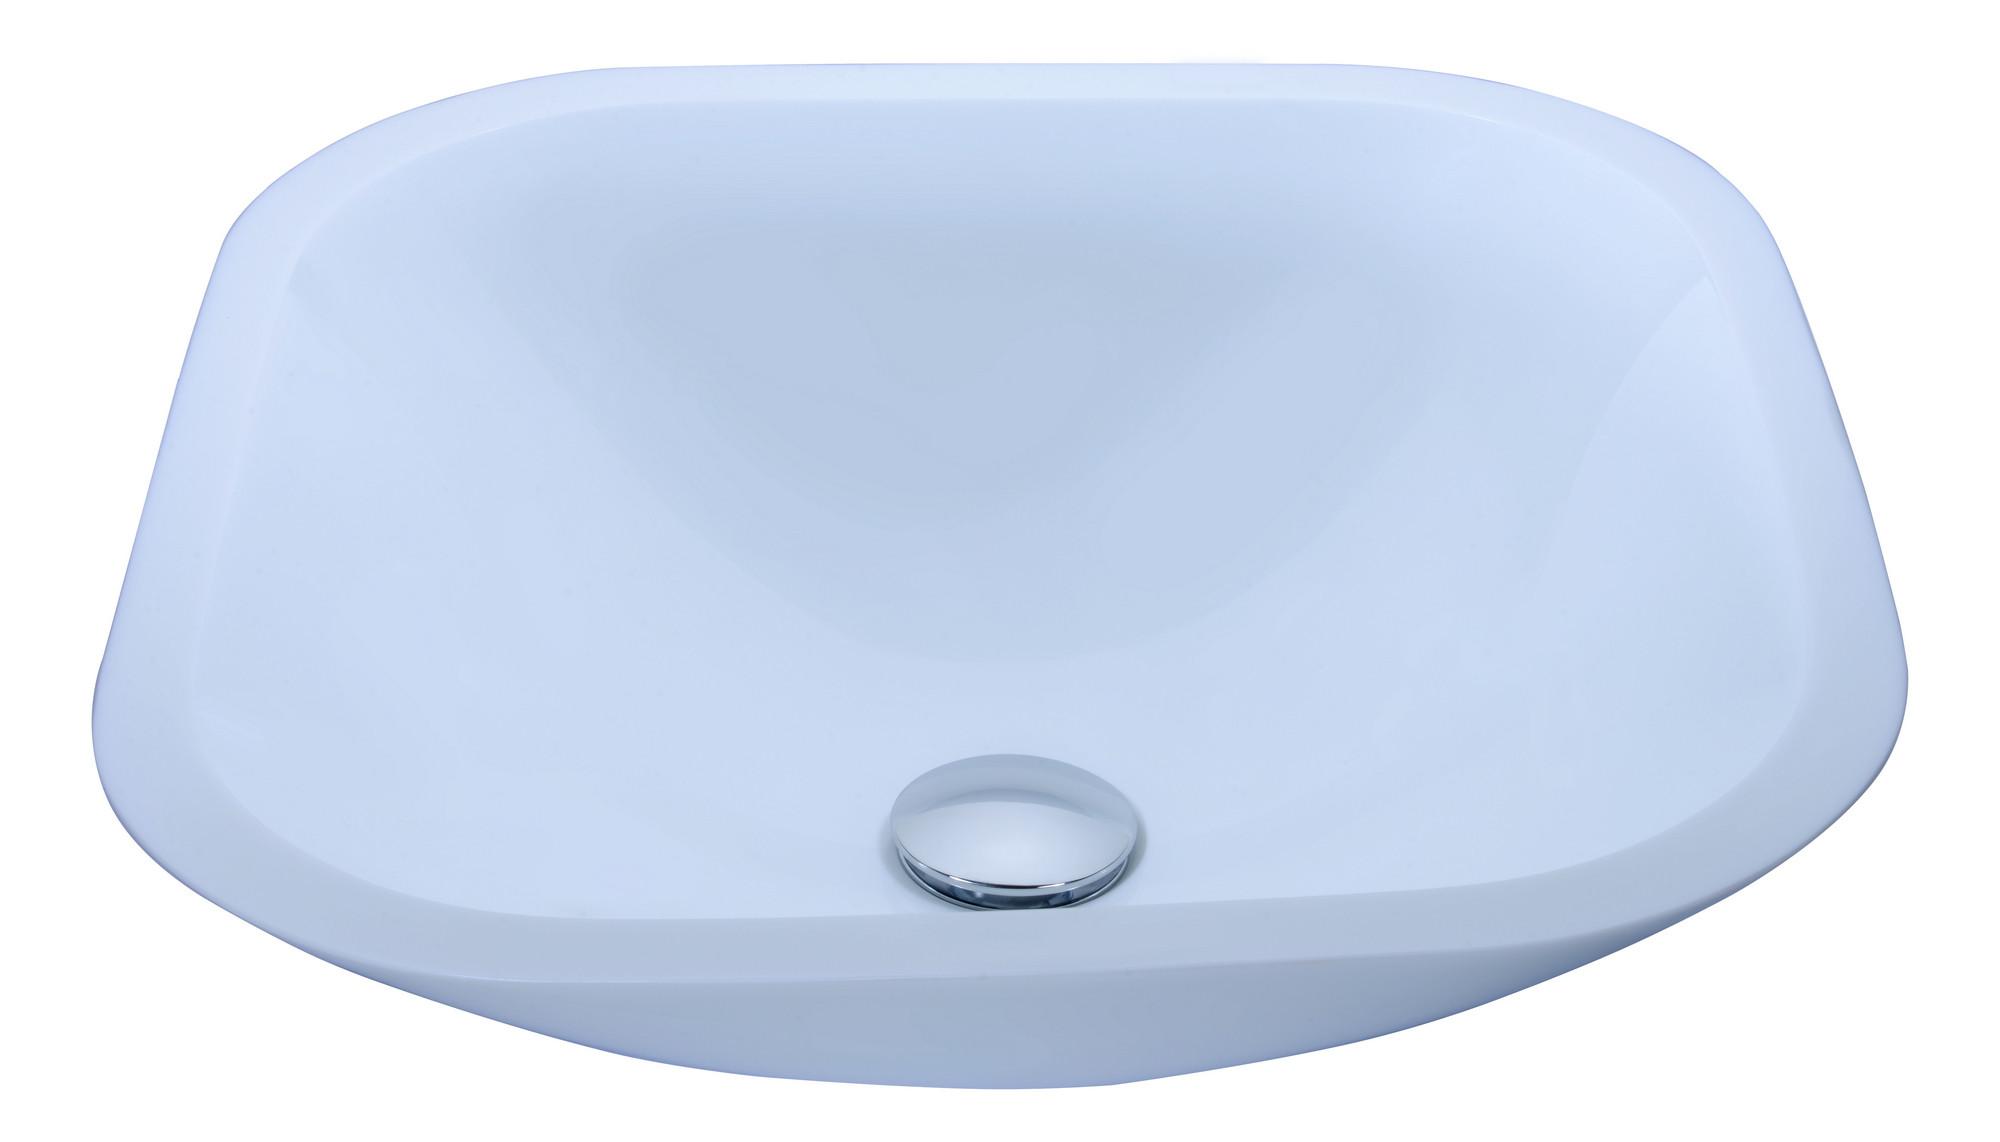 ANZZI LS-AZ034 Egret Series Round Glass Bathroom Vessel Sink In White